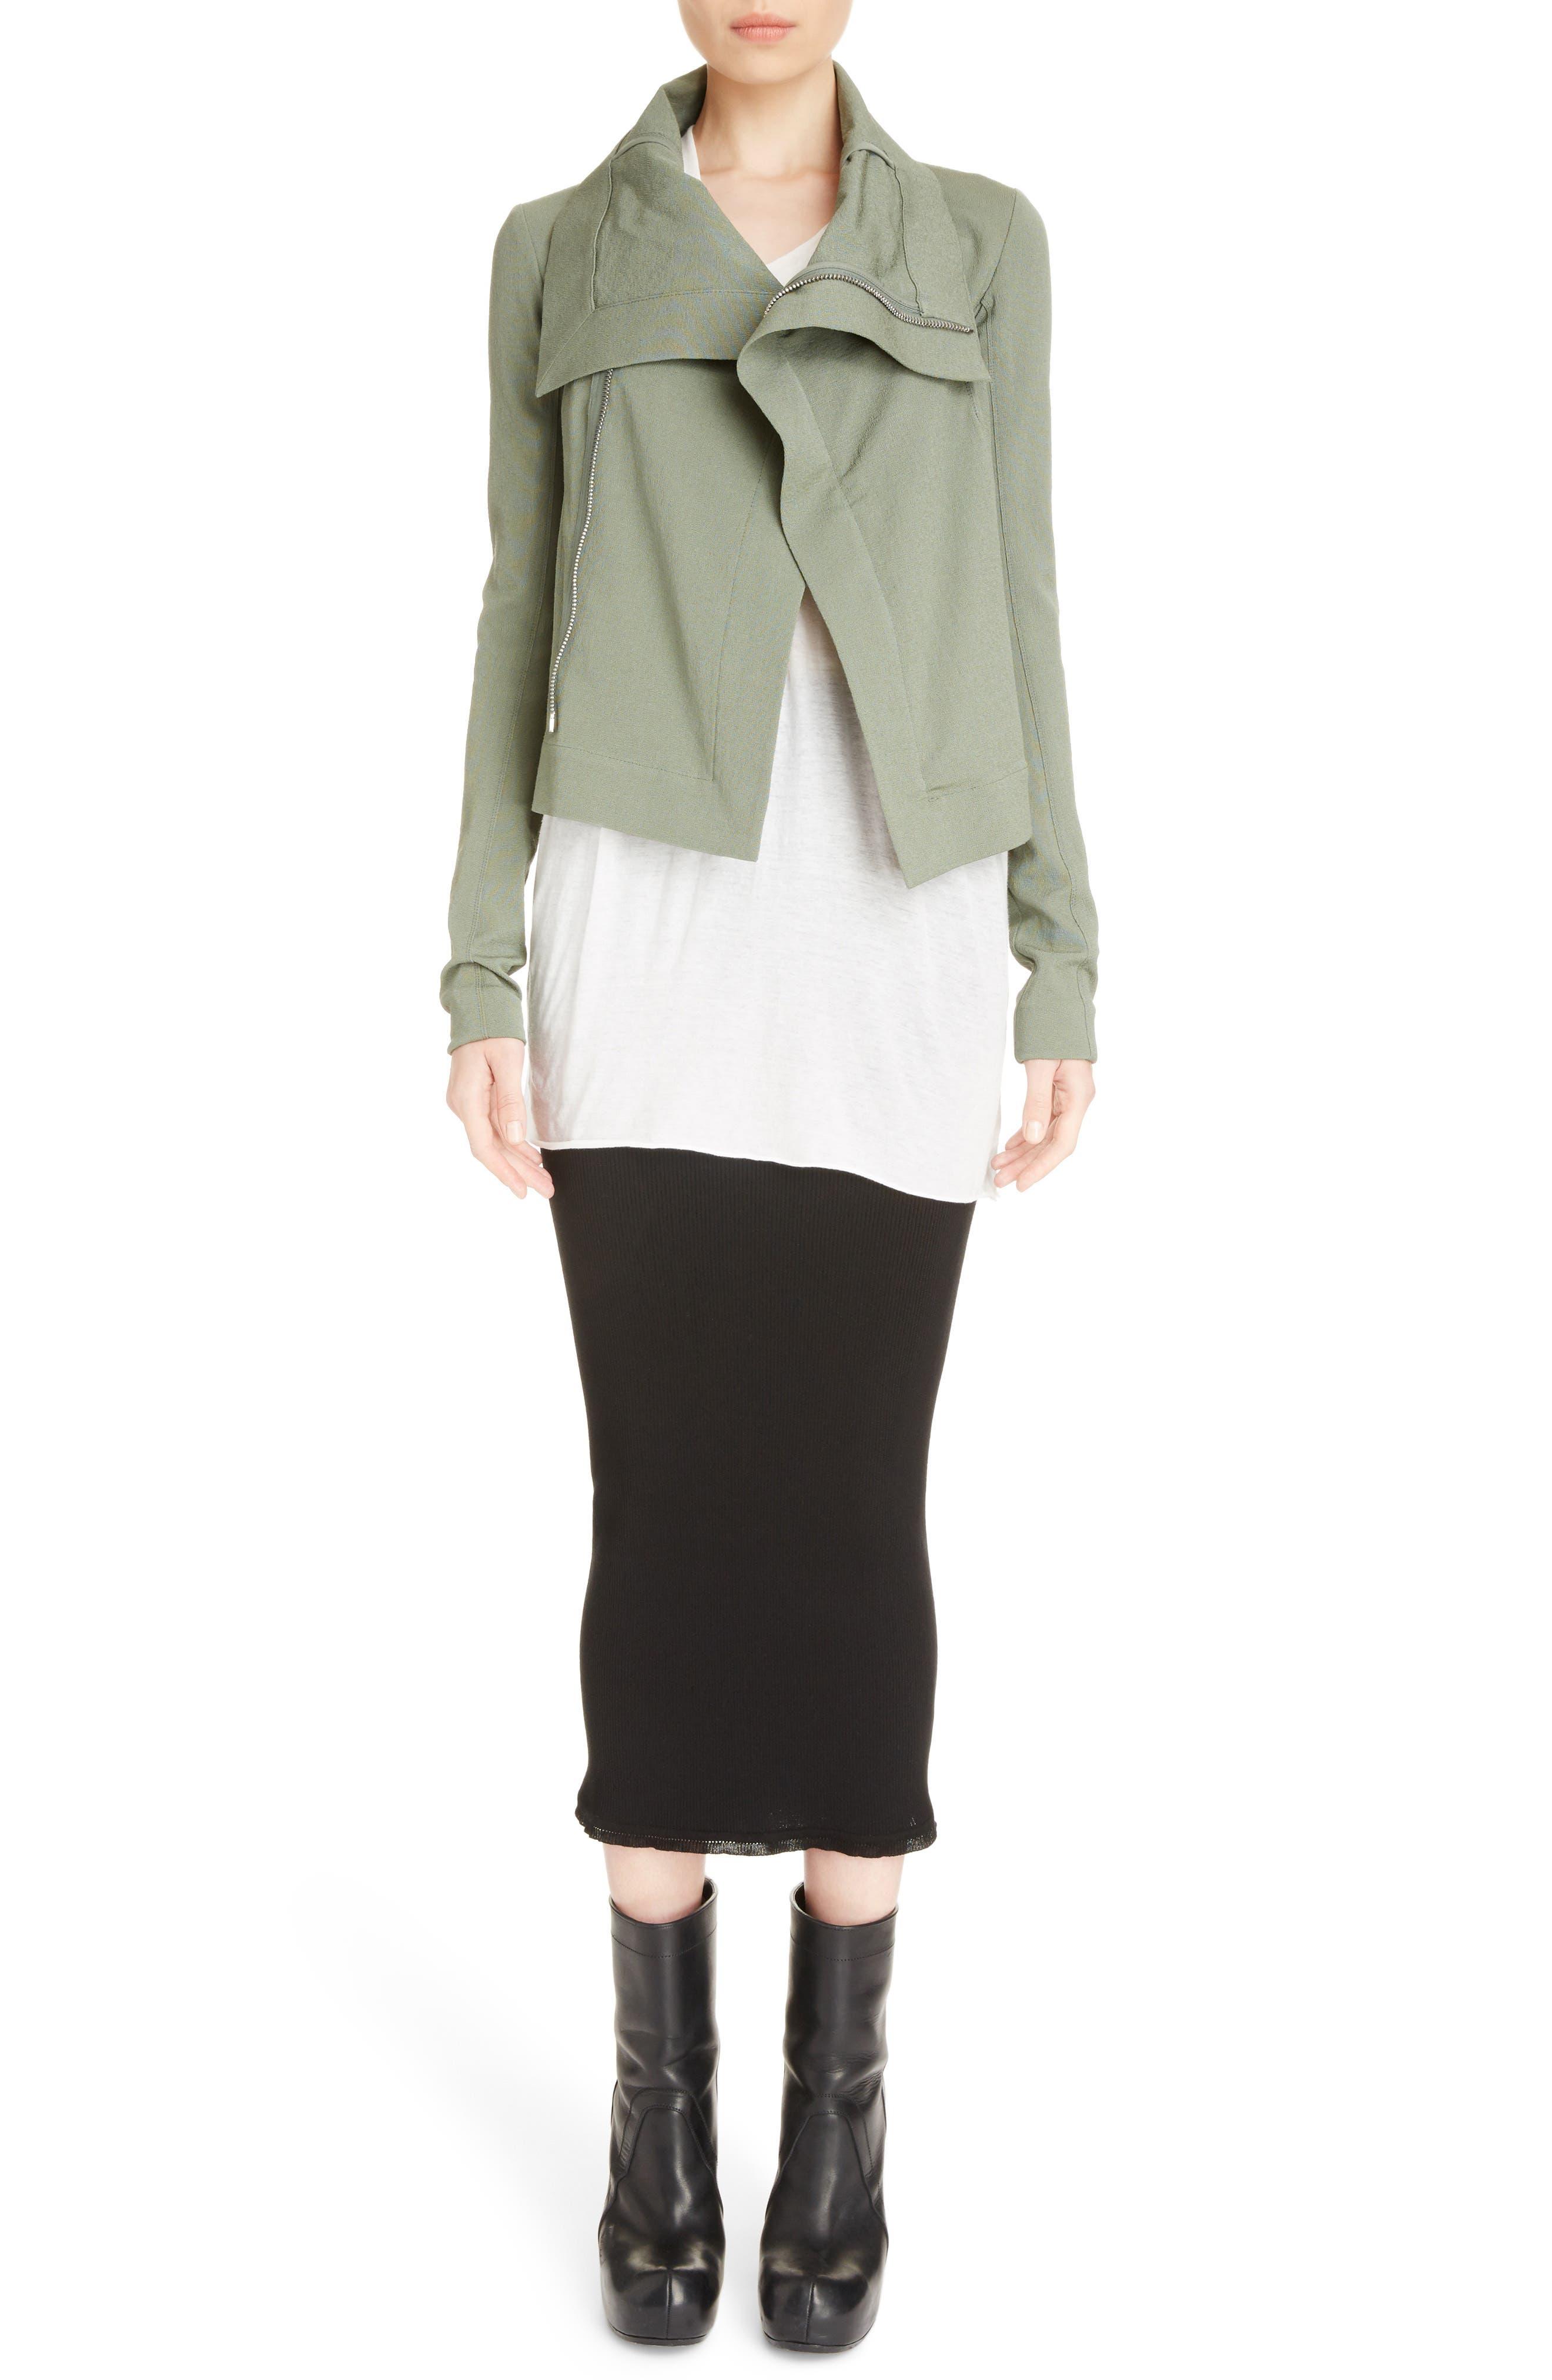 Stretch Knit Midi Skirt,                             Alternate thumbnail 9, color,                             Black